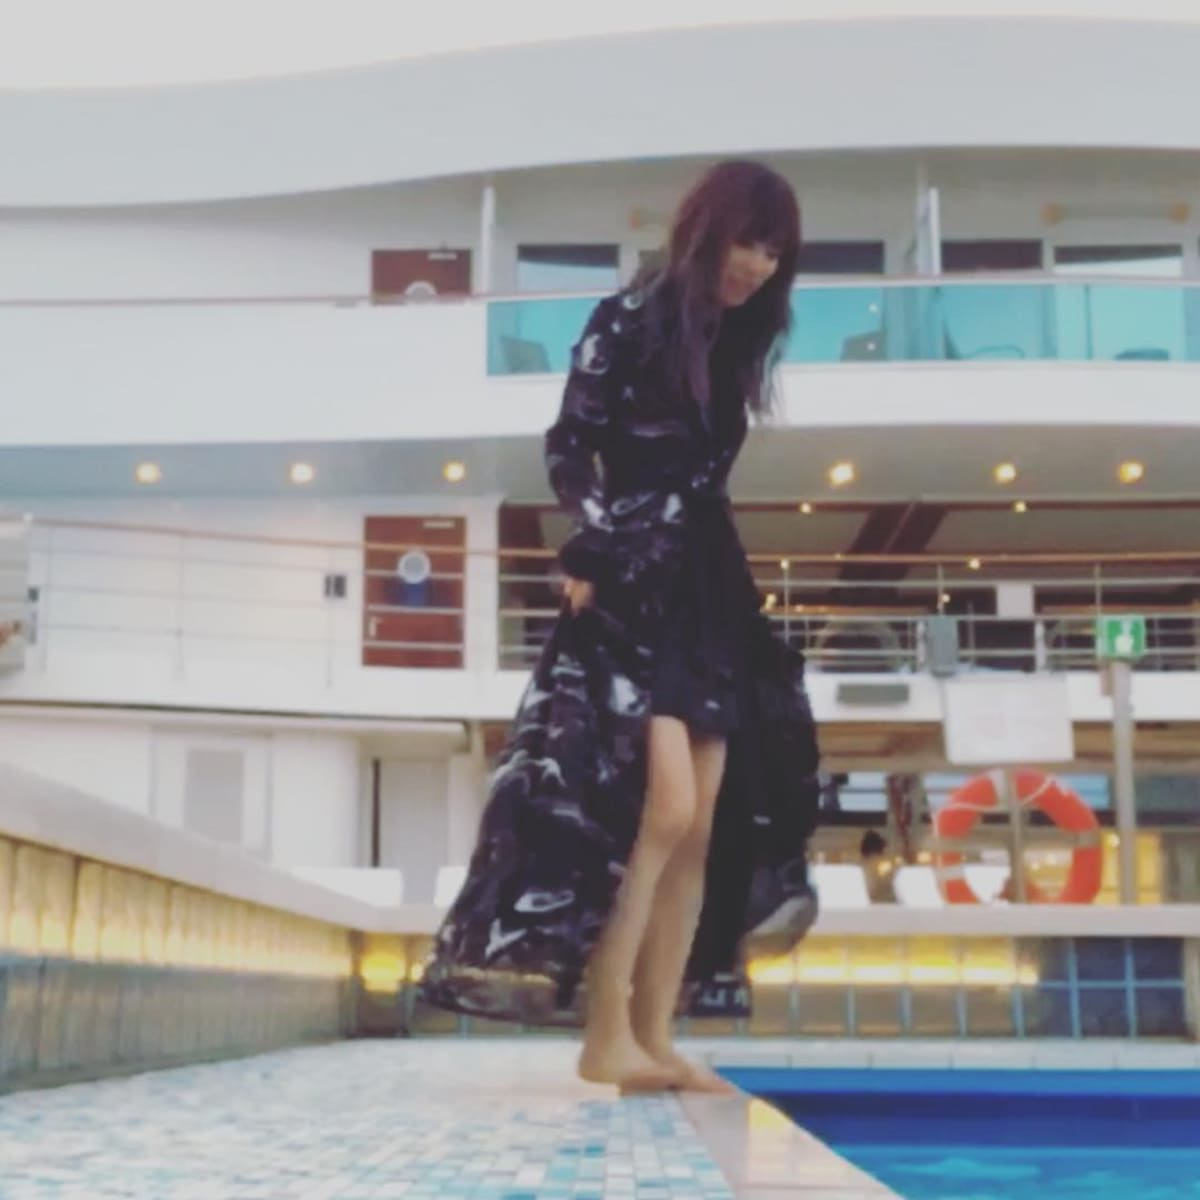 5月のプールはまだまだ寒いです!   客船コスタ・ネオロマンチカの乗客、船内施設